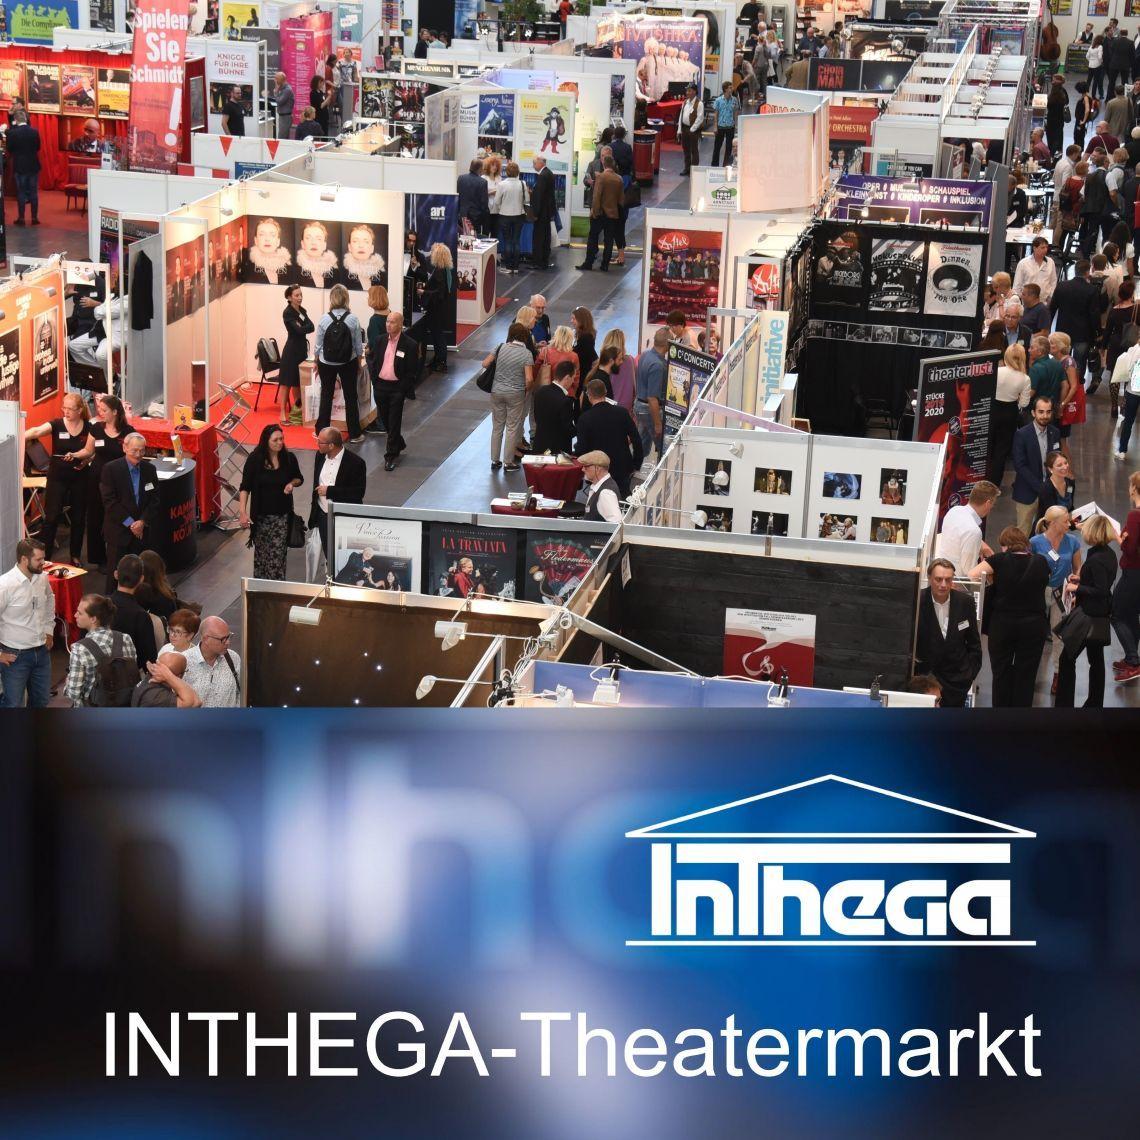 INTHEGA-Theatermarkt 2021 – Jetzt anmelden!